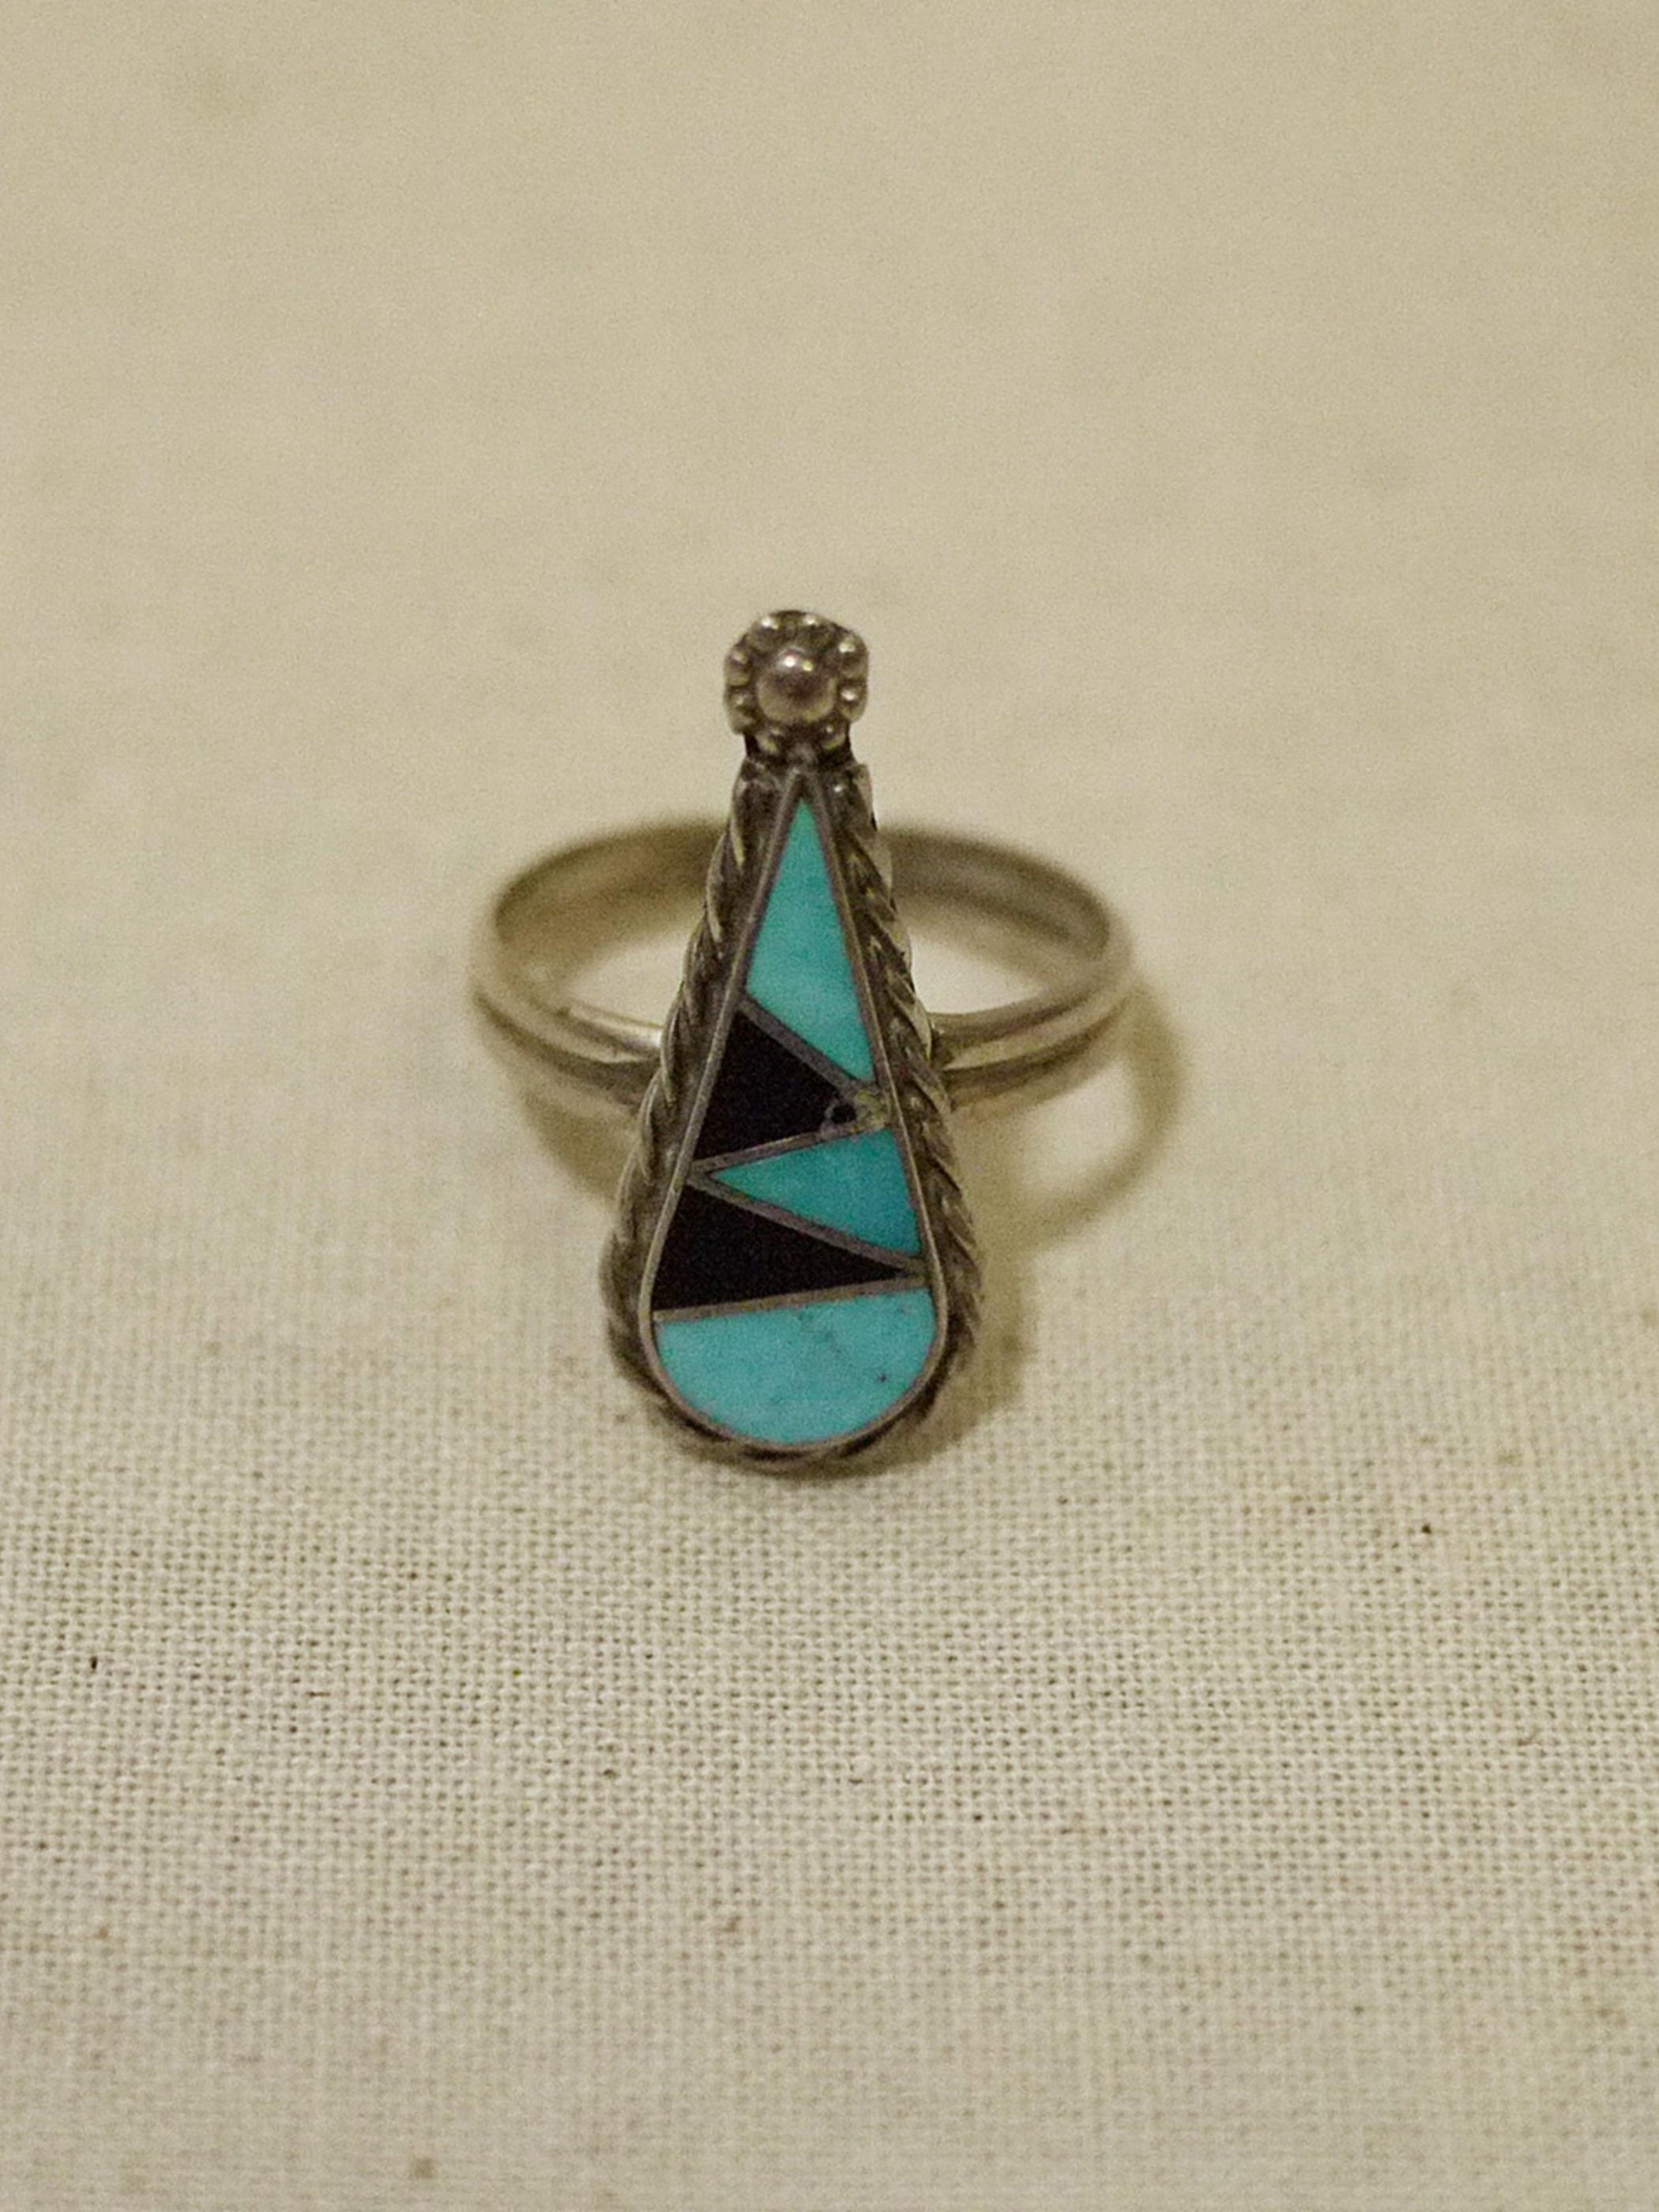 ZUNI Inlay Ring #4